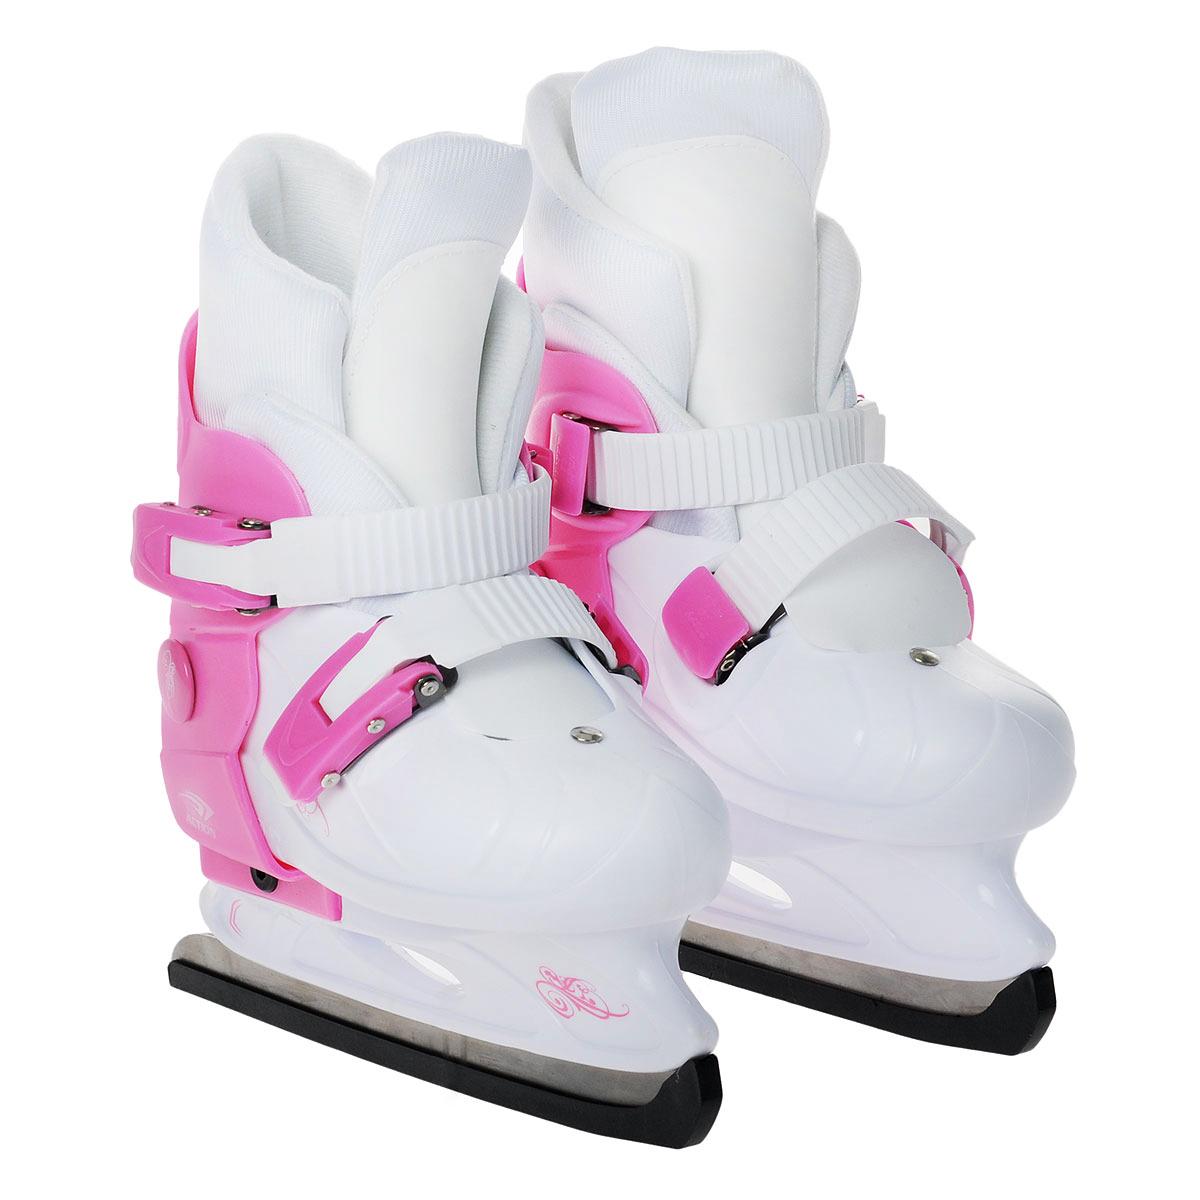 Коньки ледовые Action, раздвижные, цвет: розовый, белый. PW-219. Размер 37/40 Action PW-219-1 2013-2014 Pink-White_37/40